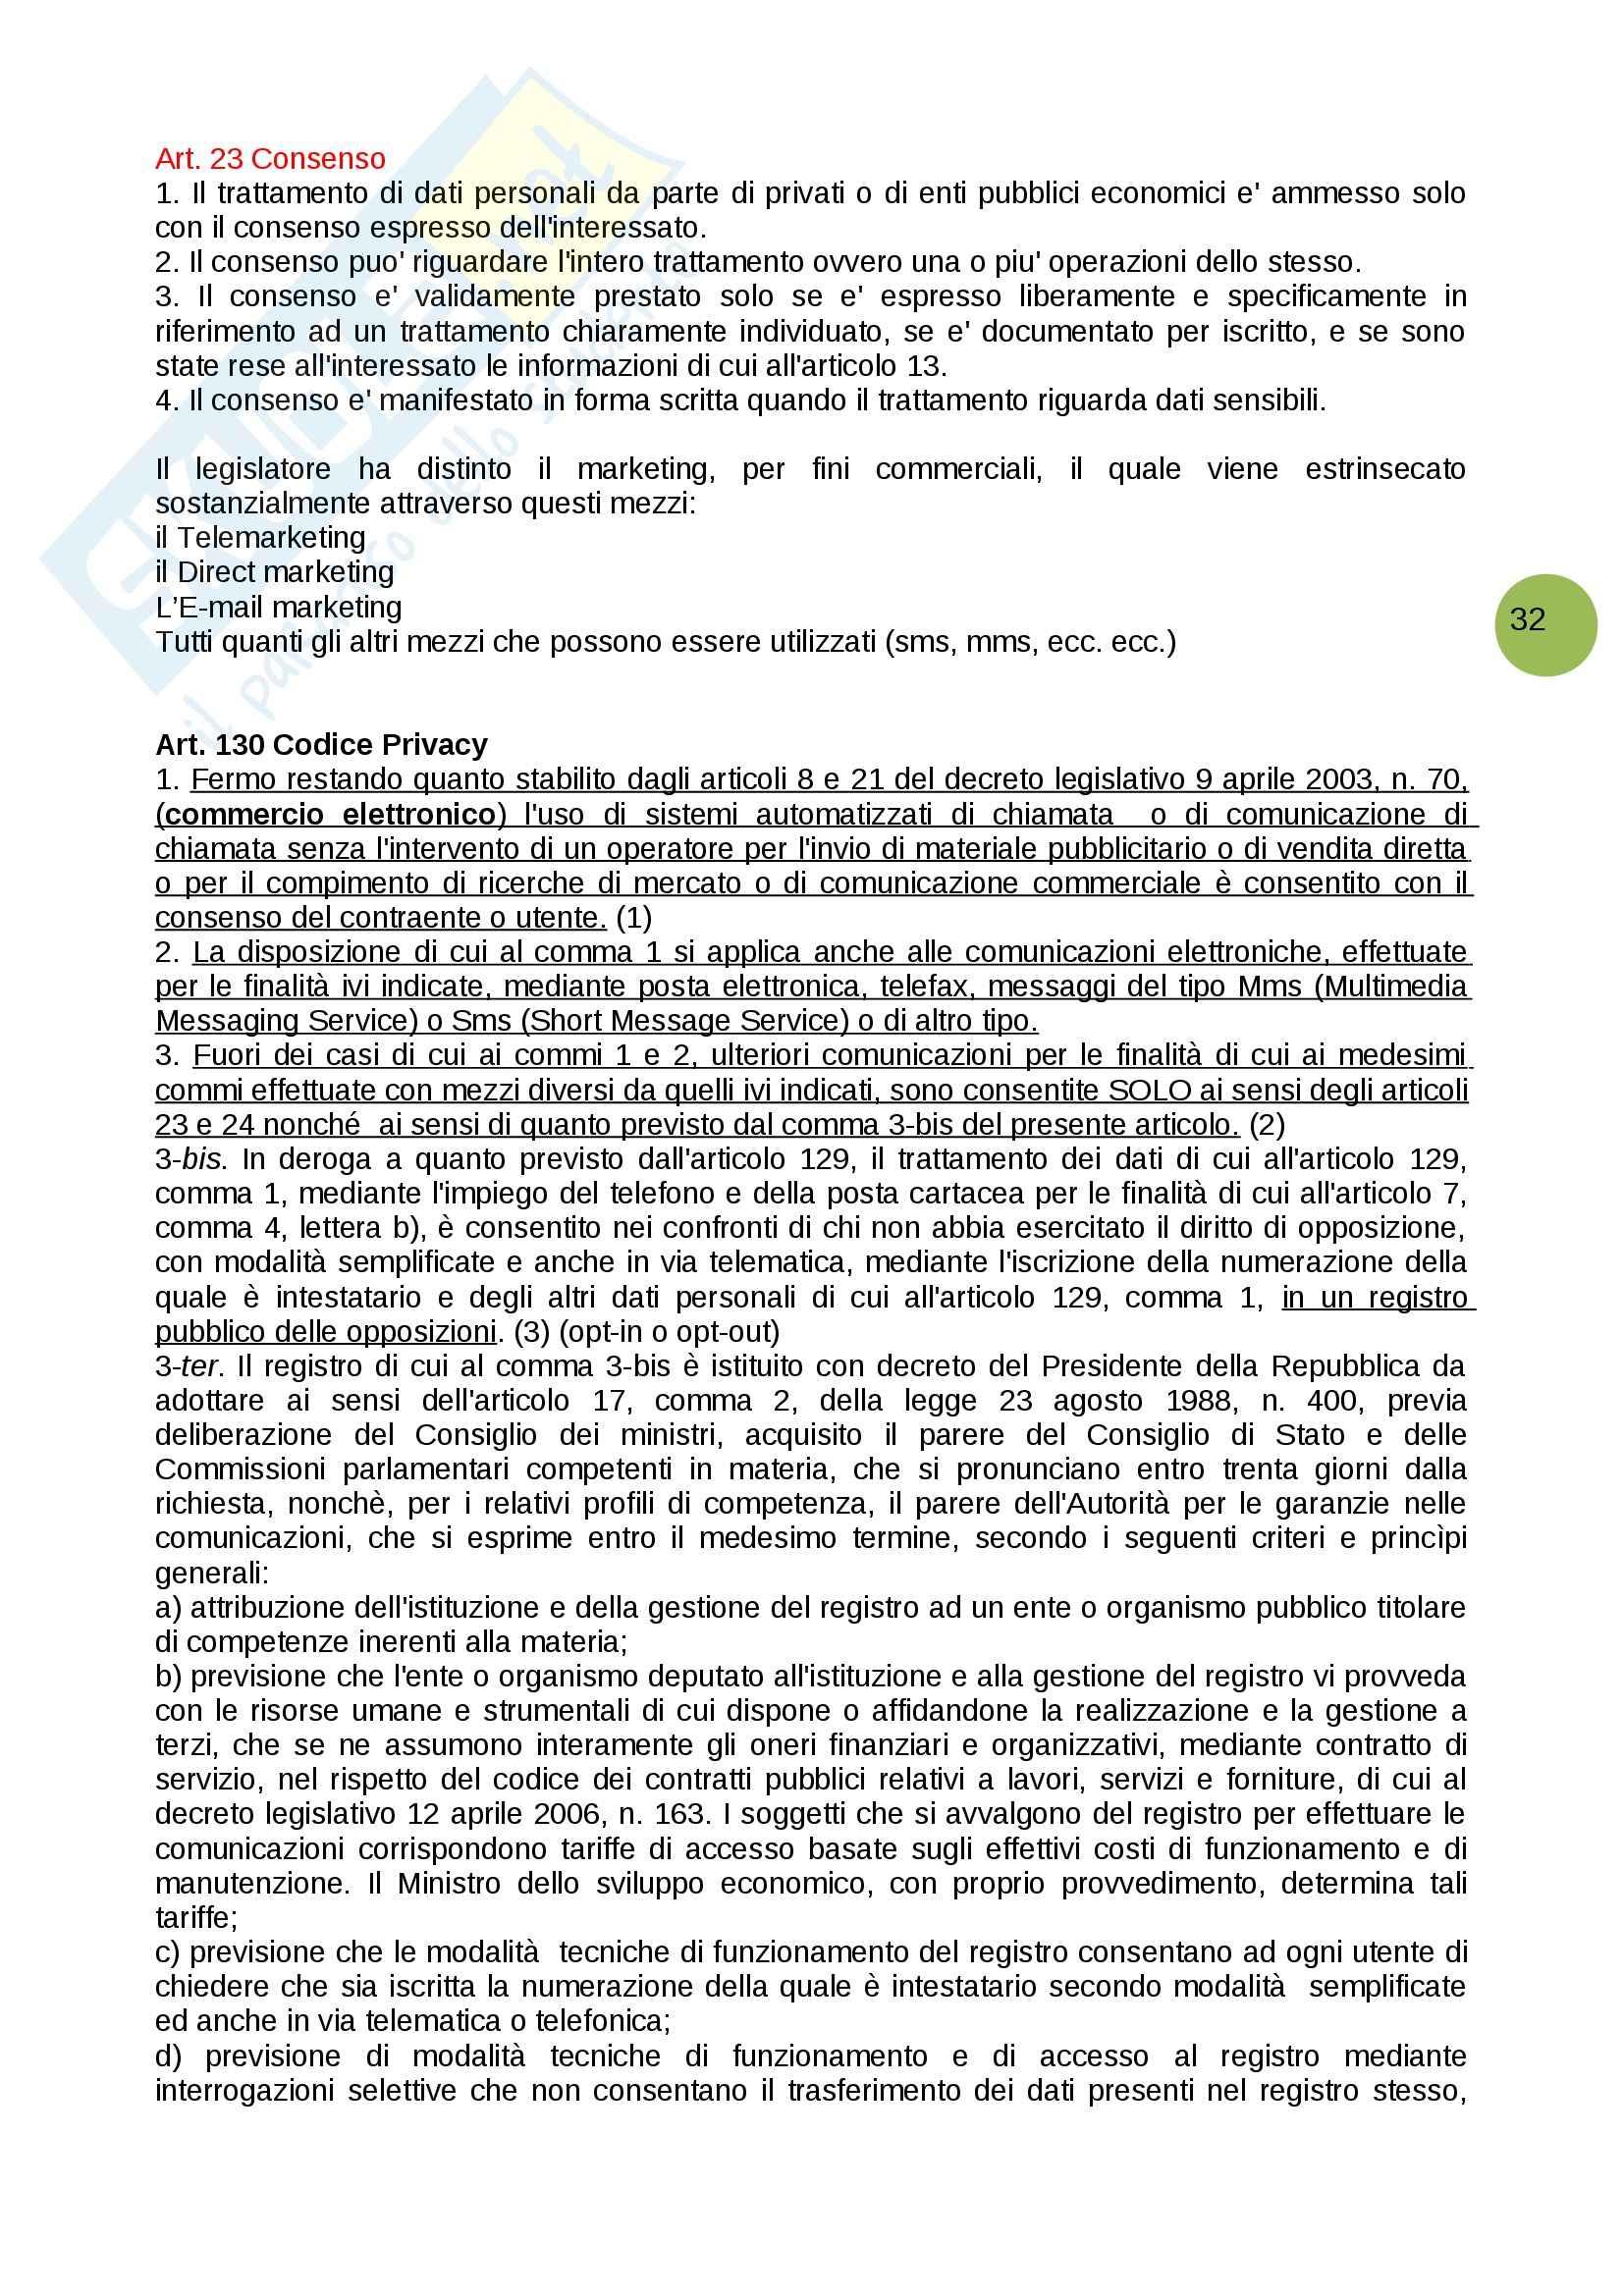 Domande e risposte, Informatica giuridica Pag. 21